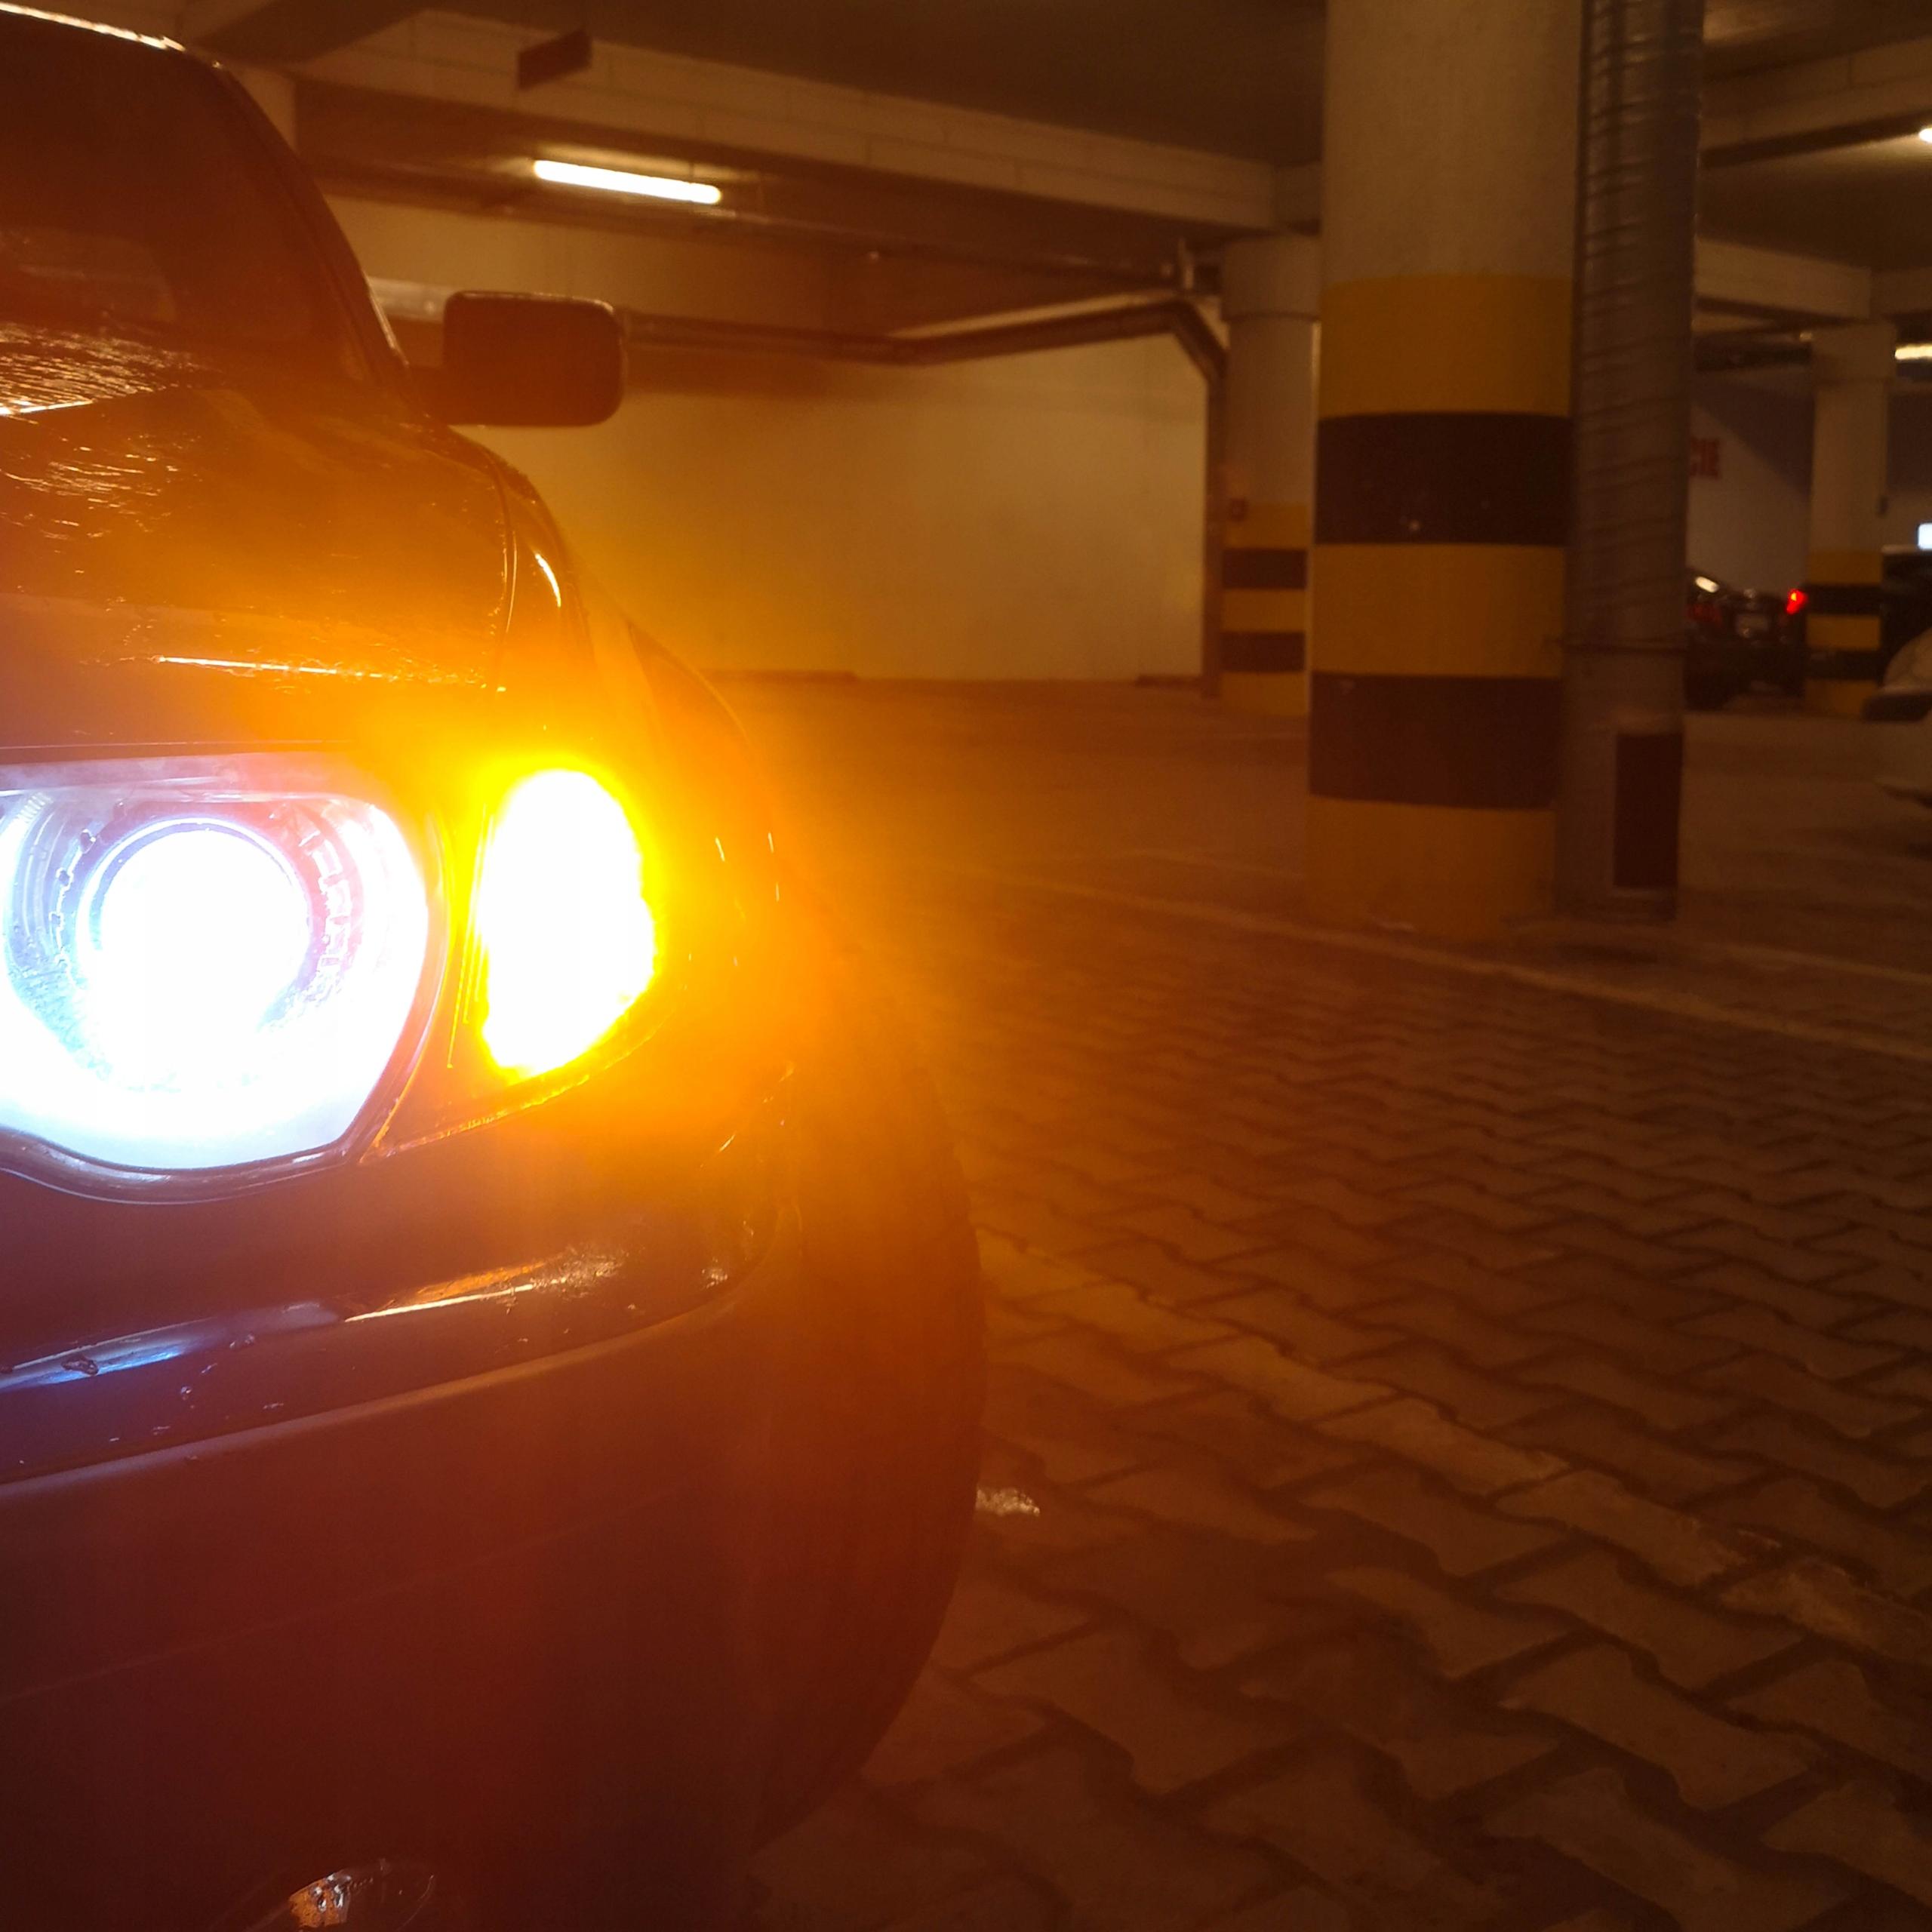 ŻARÓWKA P21W Pomarańcz - 100% CANBUS! Rodzaj LED